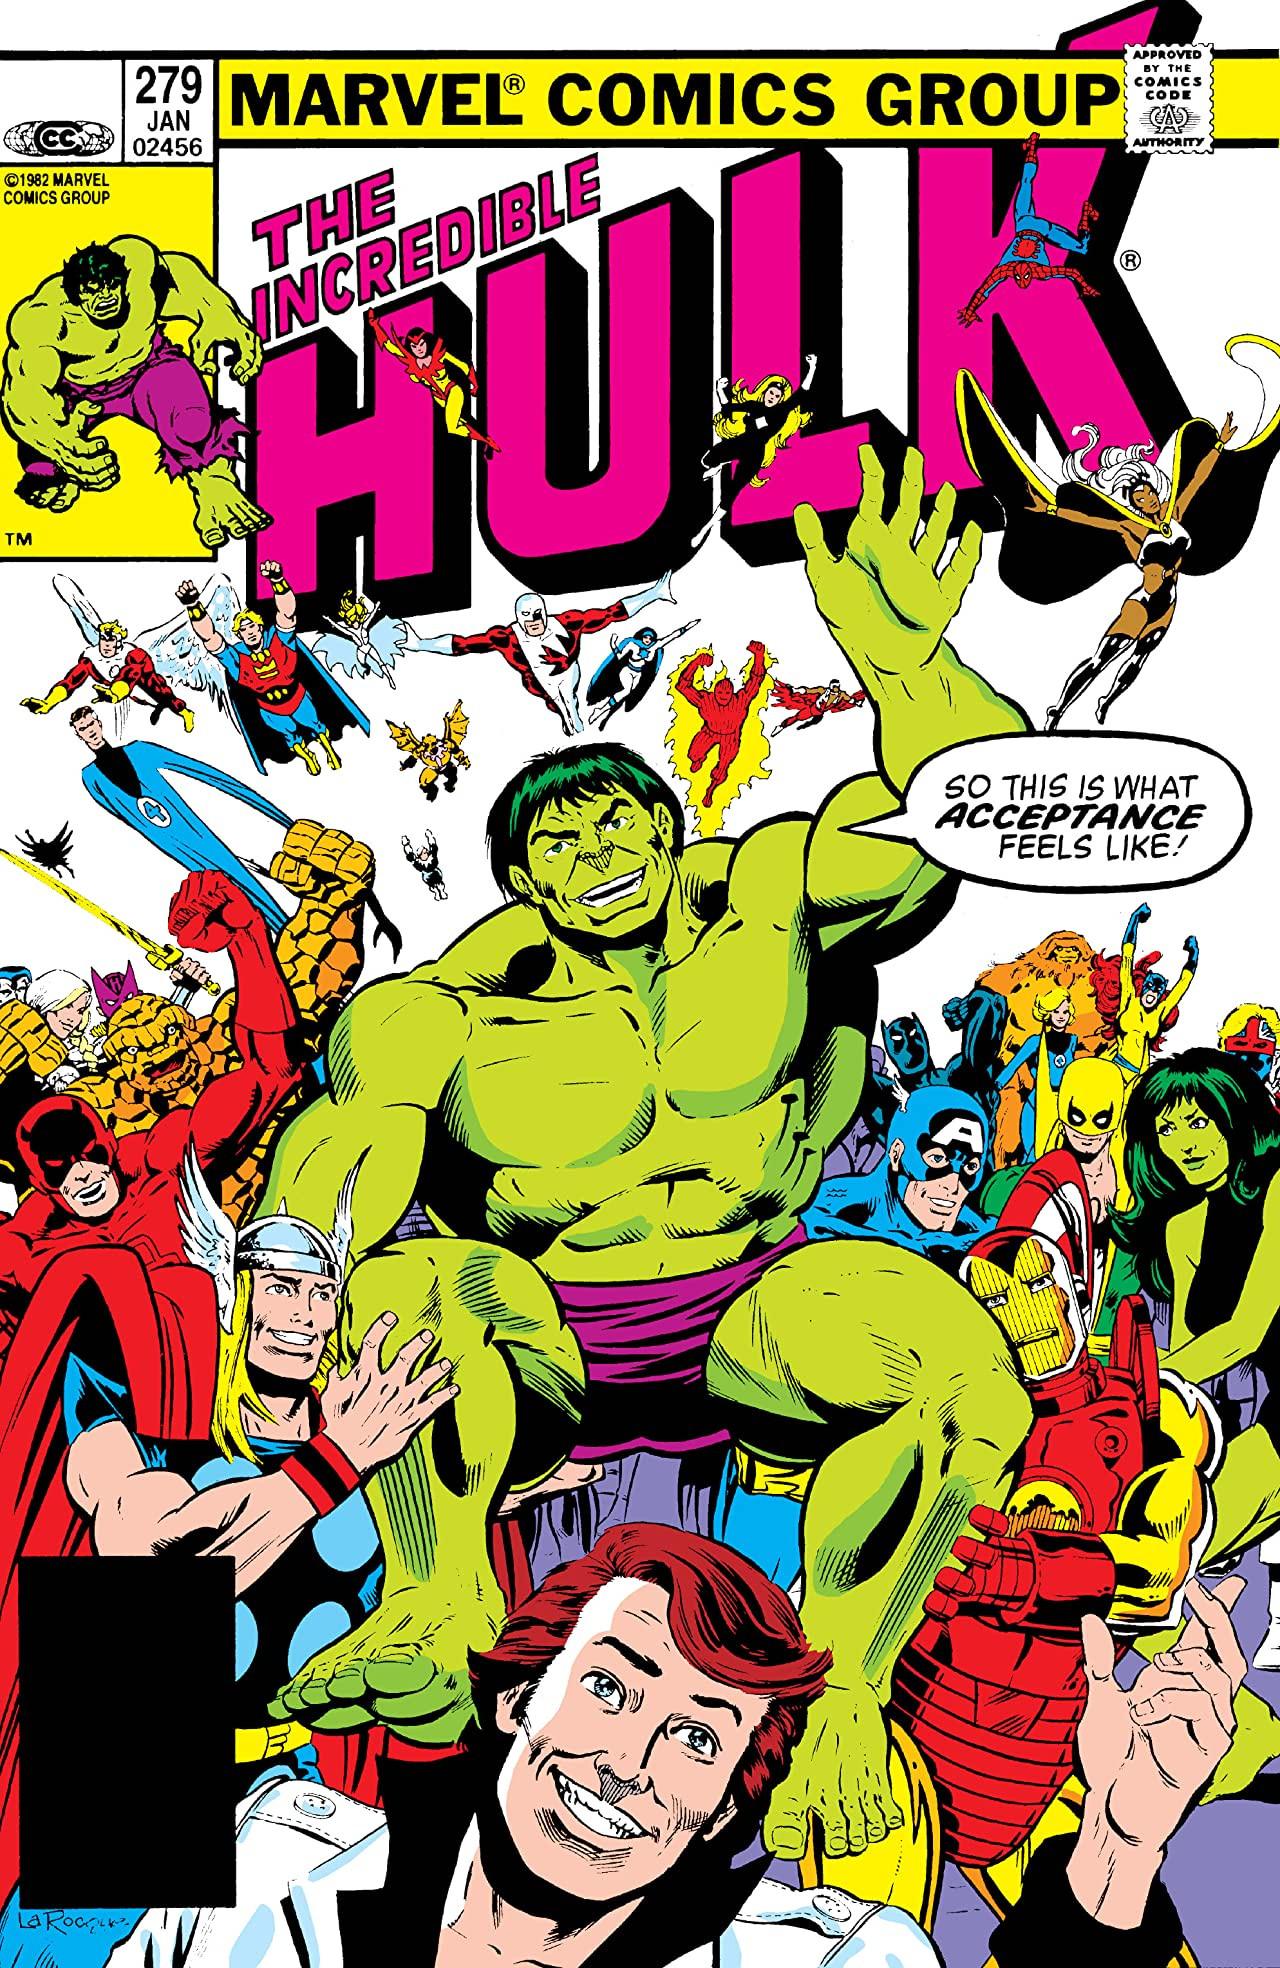 Incredible Hulk Vol 1 279